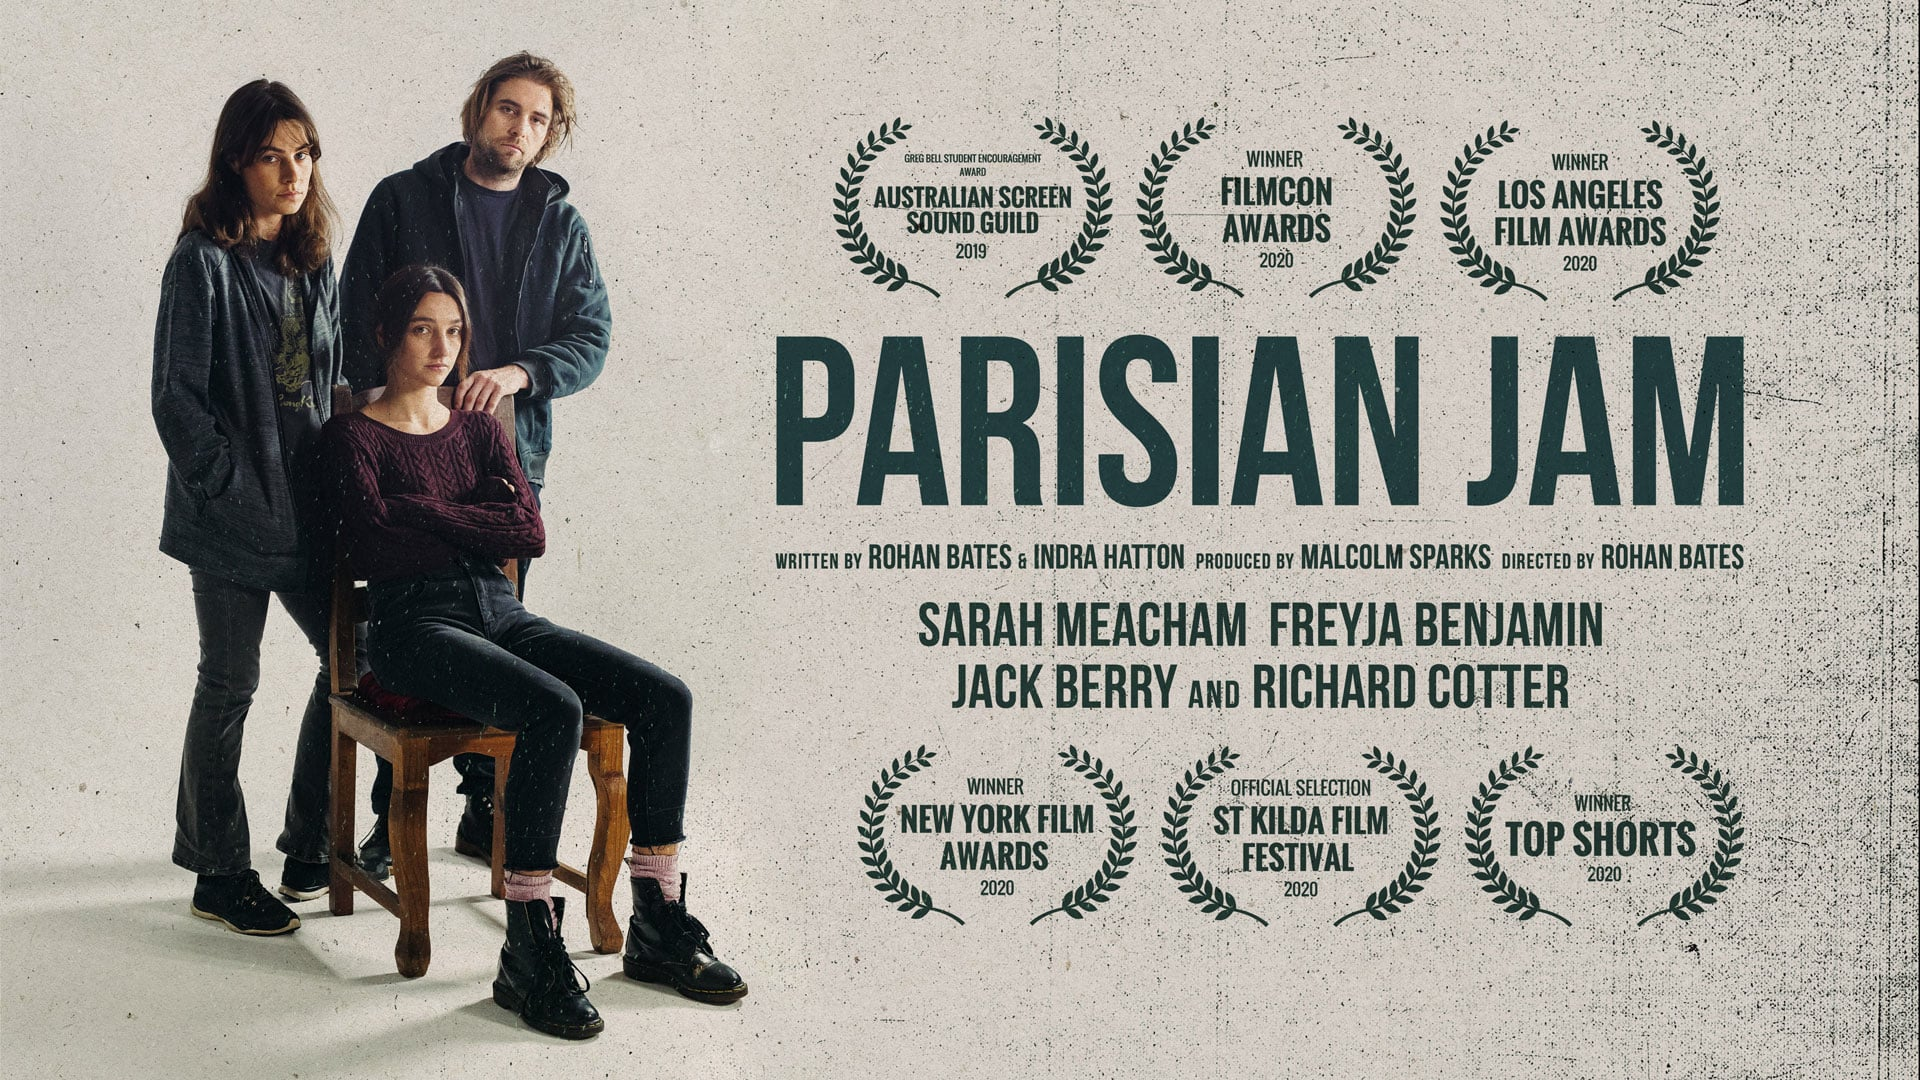 PARISIAN JAM_Trailer